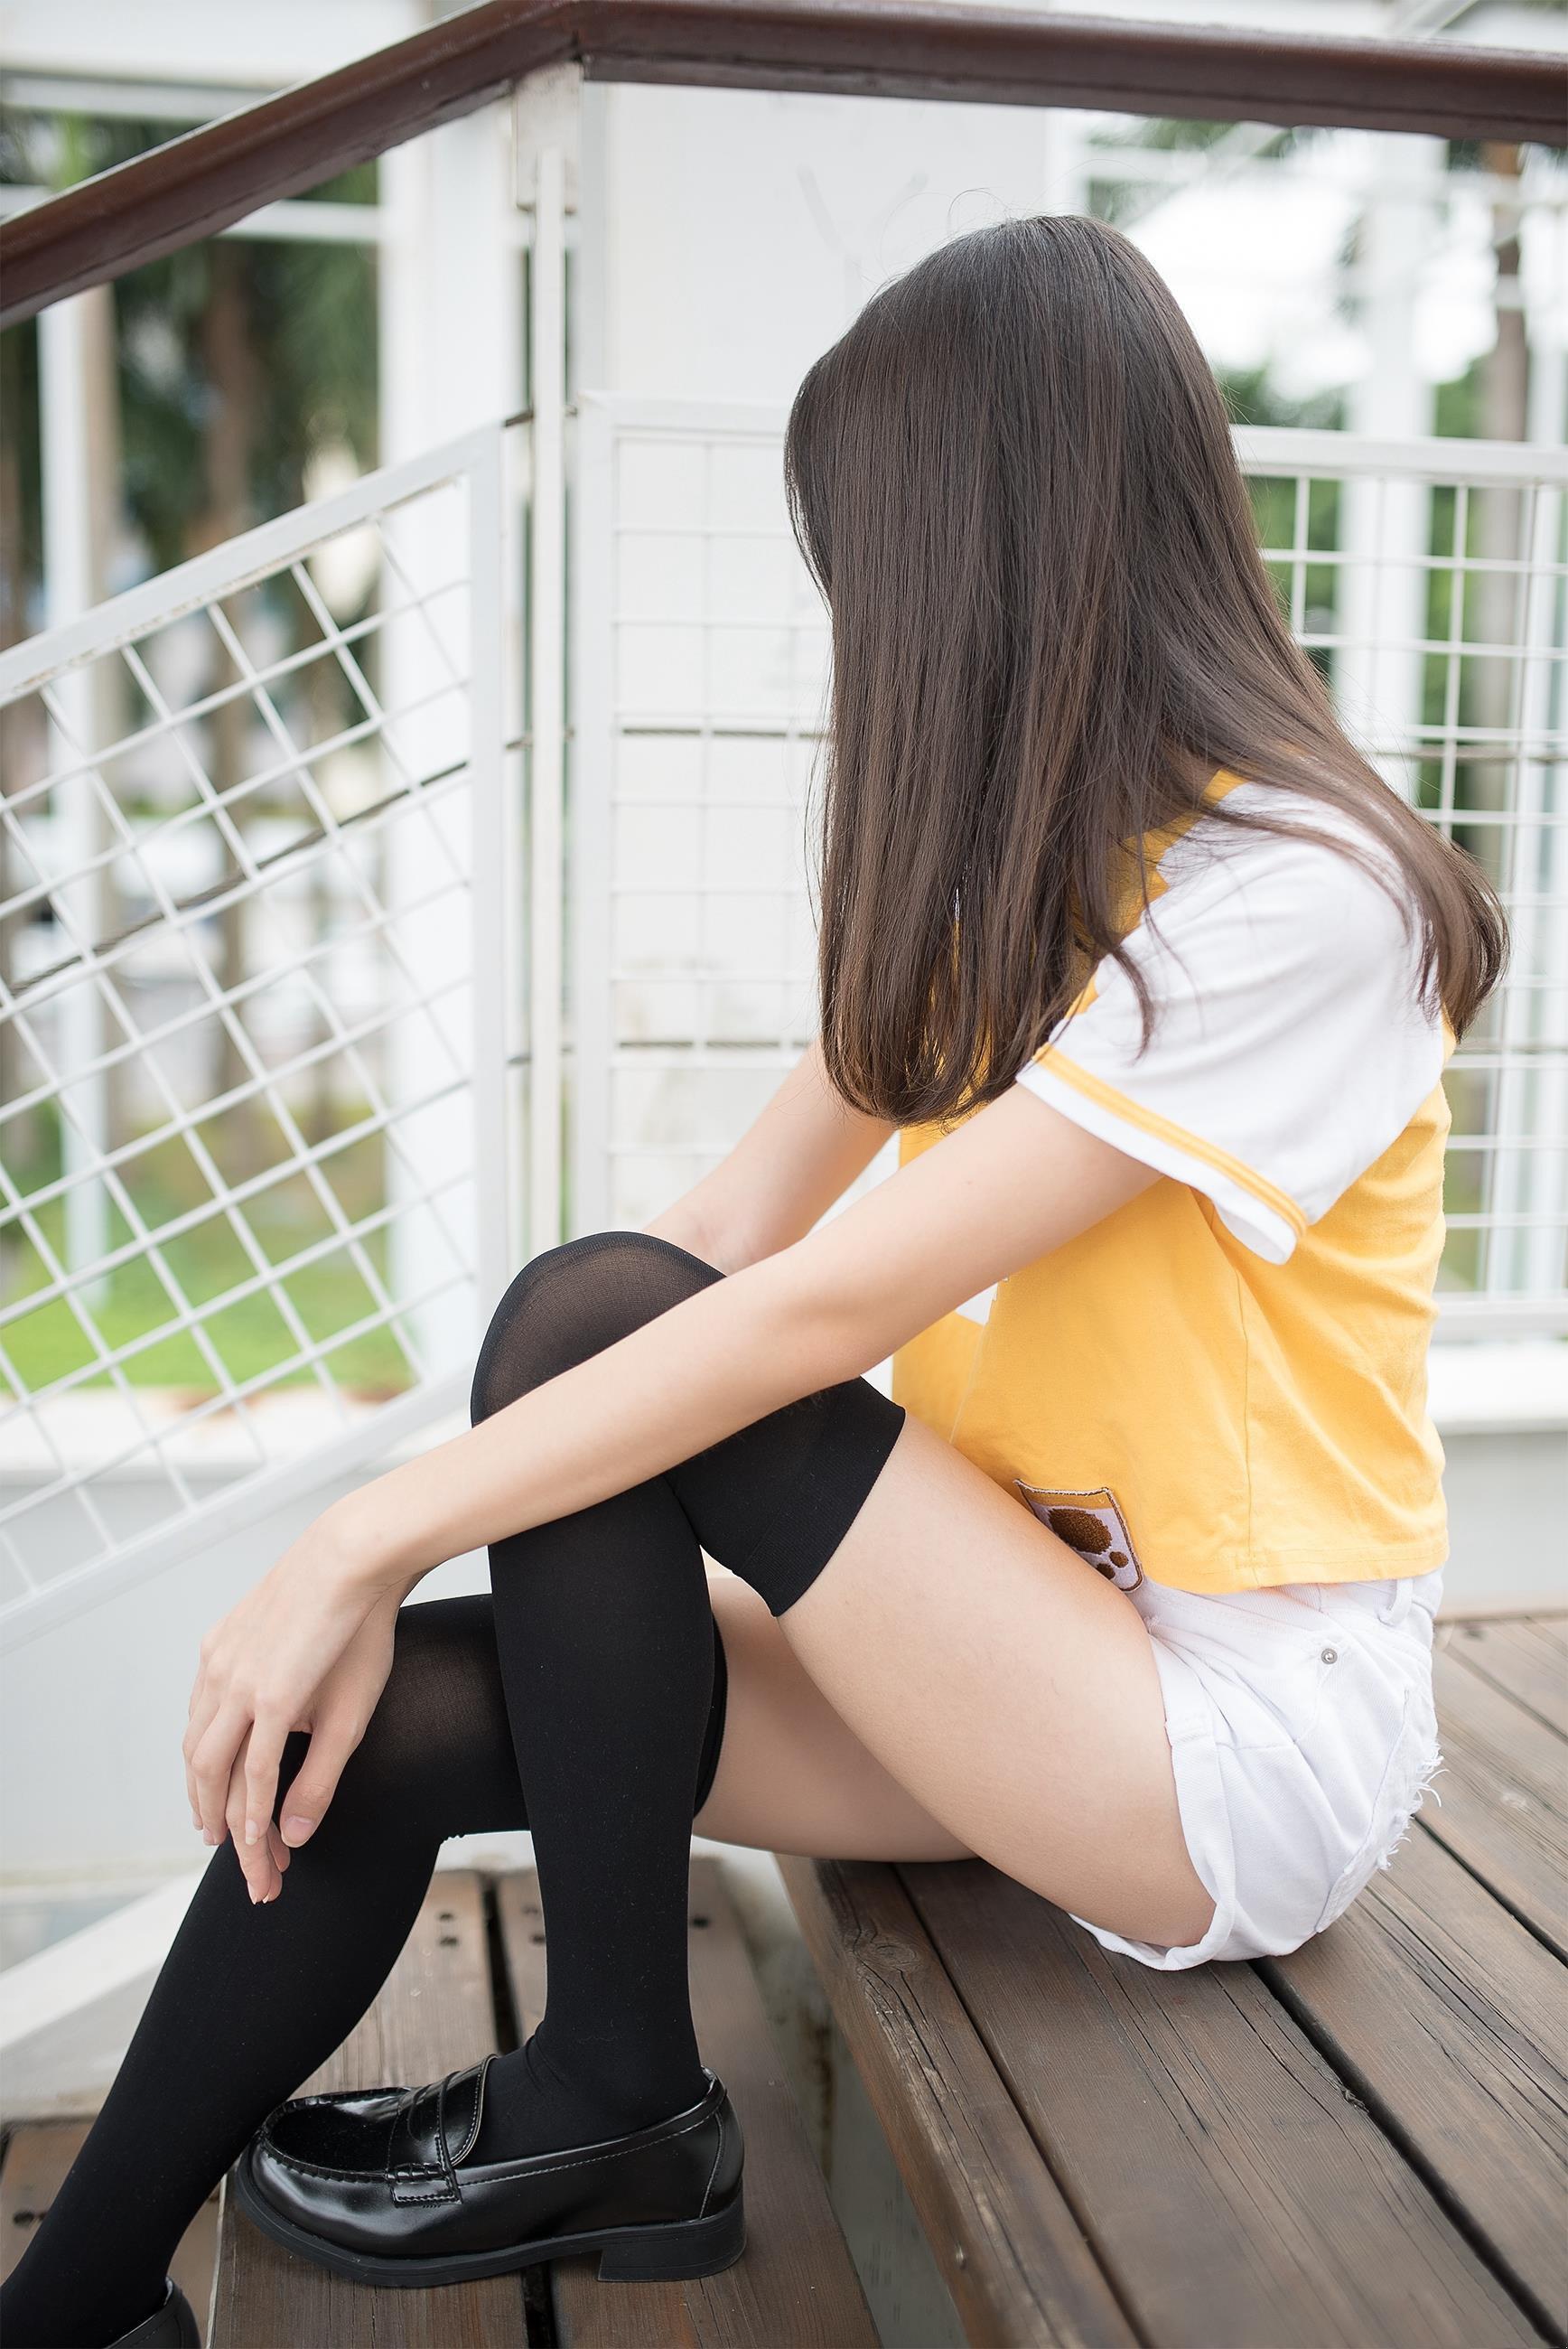 【风之领域0002】腿控福利-美少女萝莉之纯黑丝袜 带你瞬间起飞!!!-蜜桃畅享